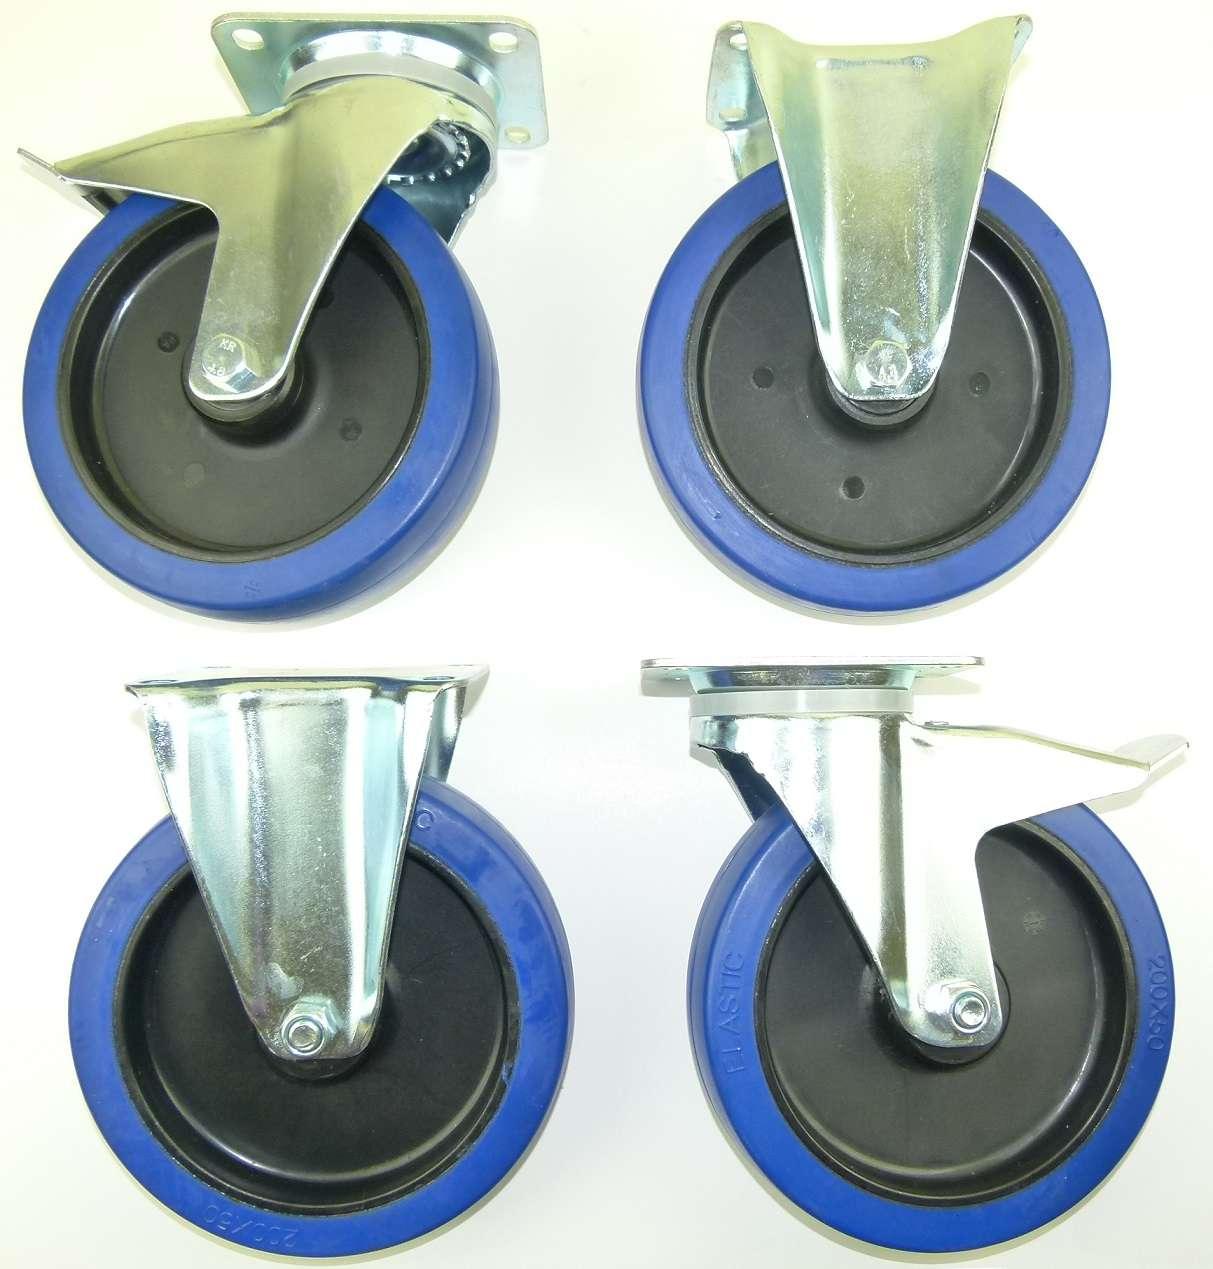 1 set 200 mm sl lenkrollen m feststeller bockrollen blue wheel transportrollen ebay. Black Bedroom Furniture Sets. Home Design Ideas